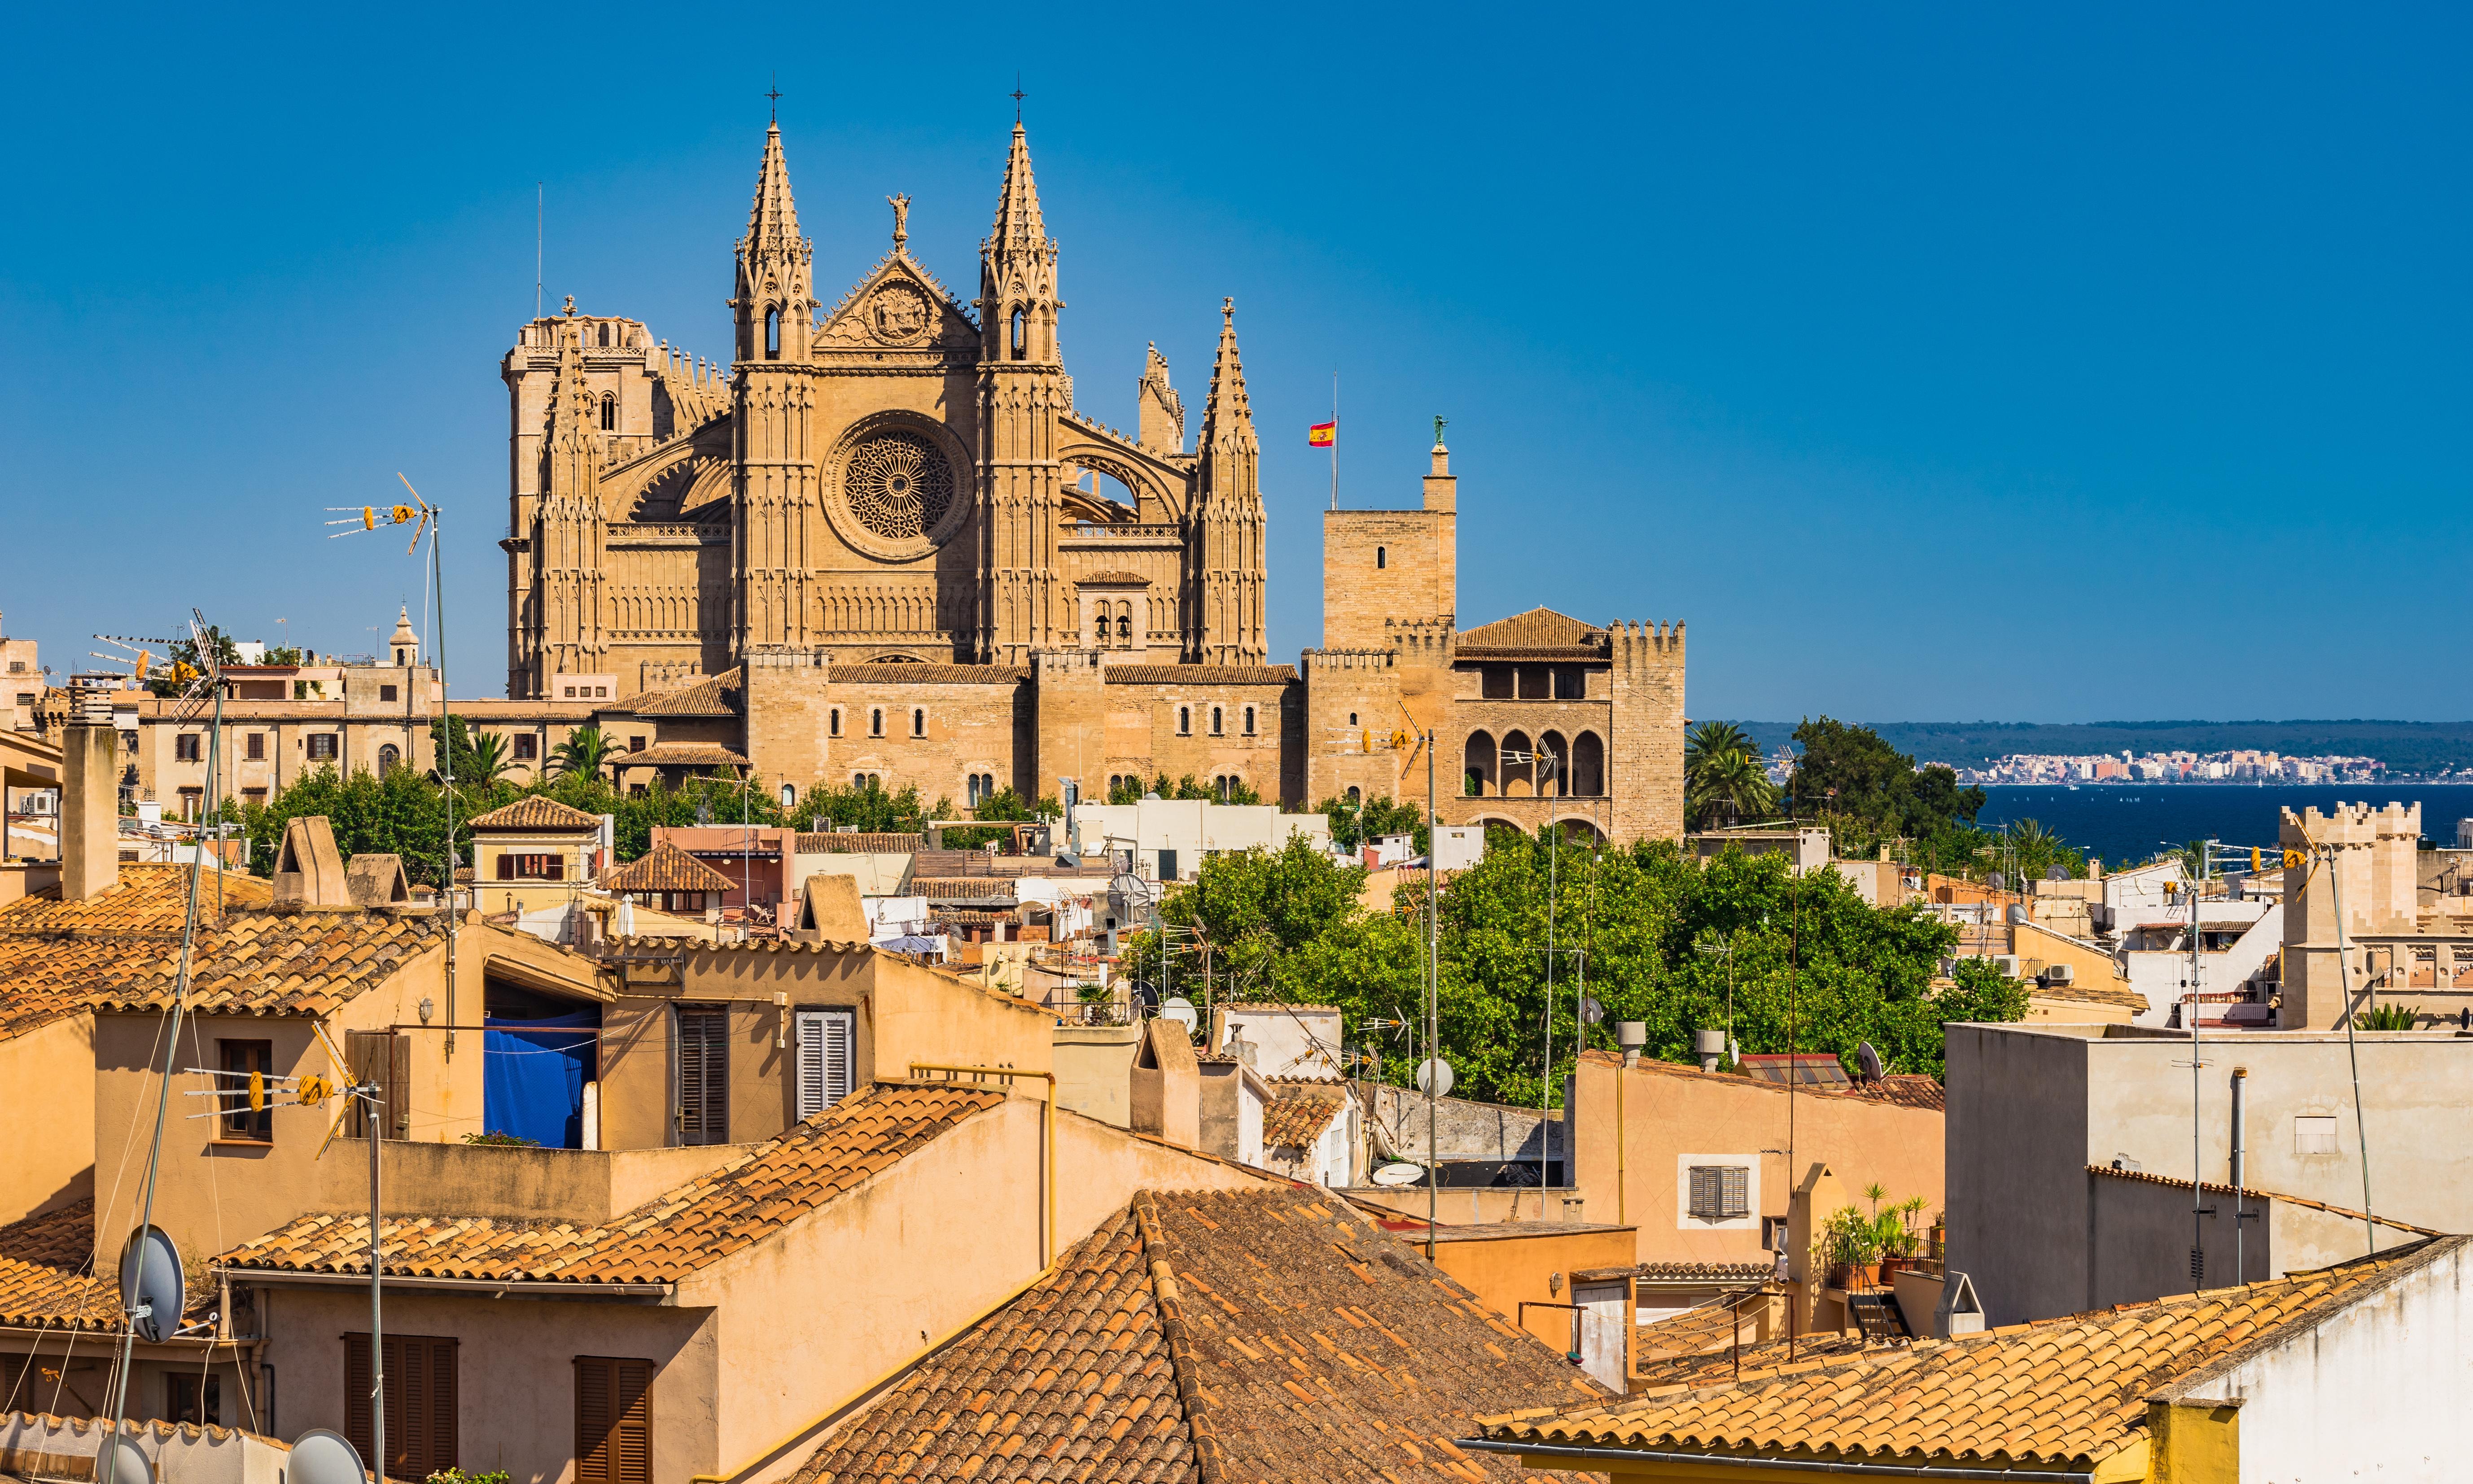 A local's guide to Palma de Mallorca: 10 top tips